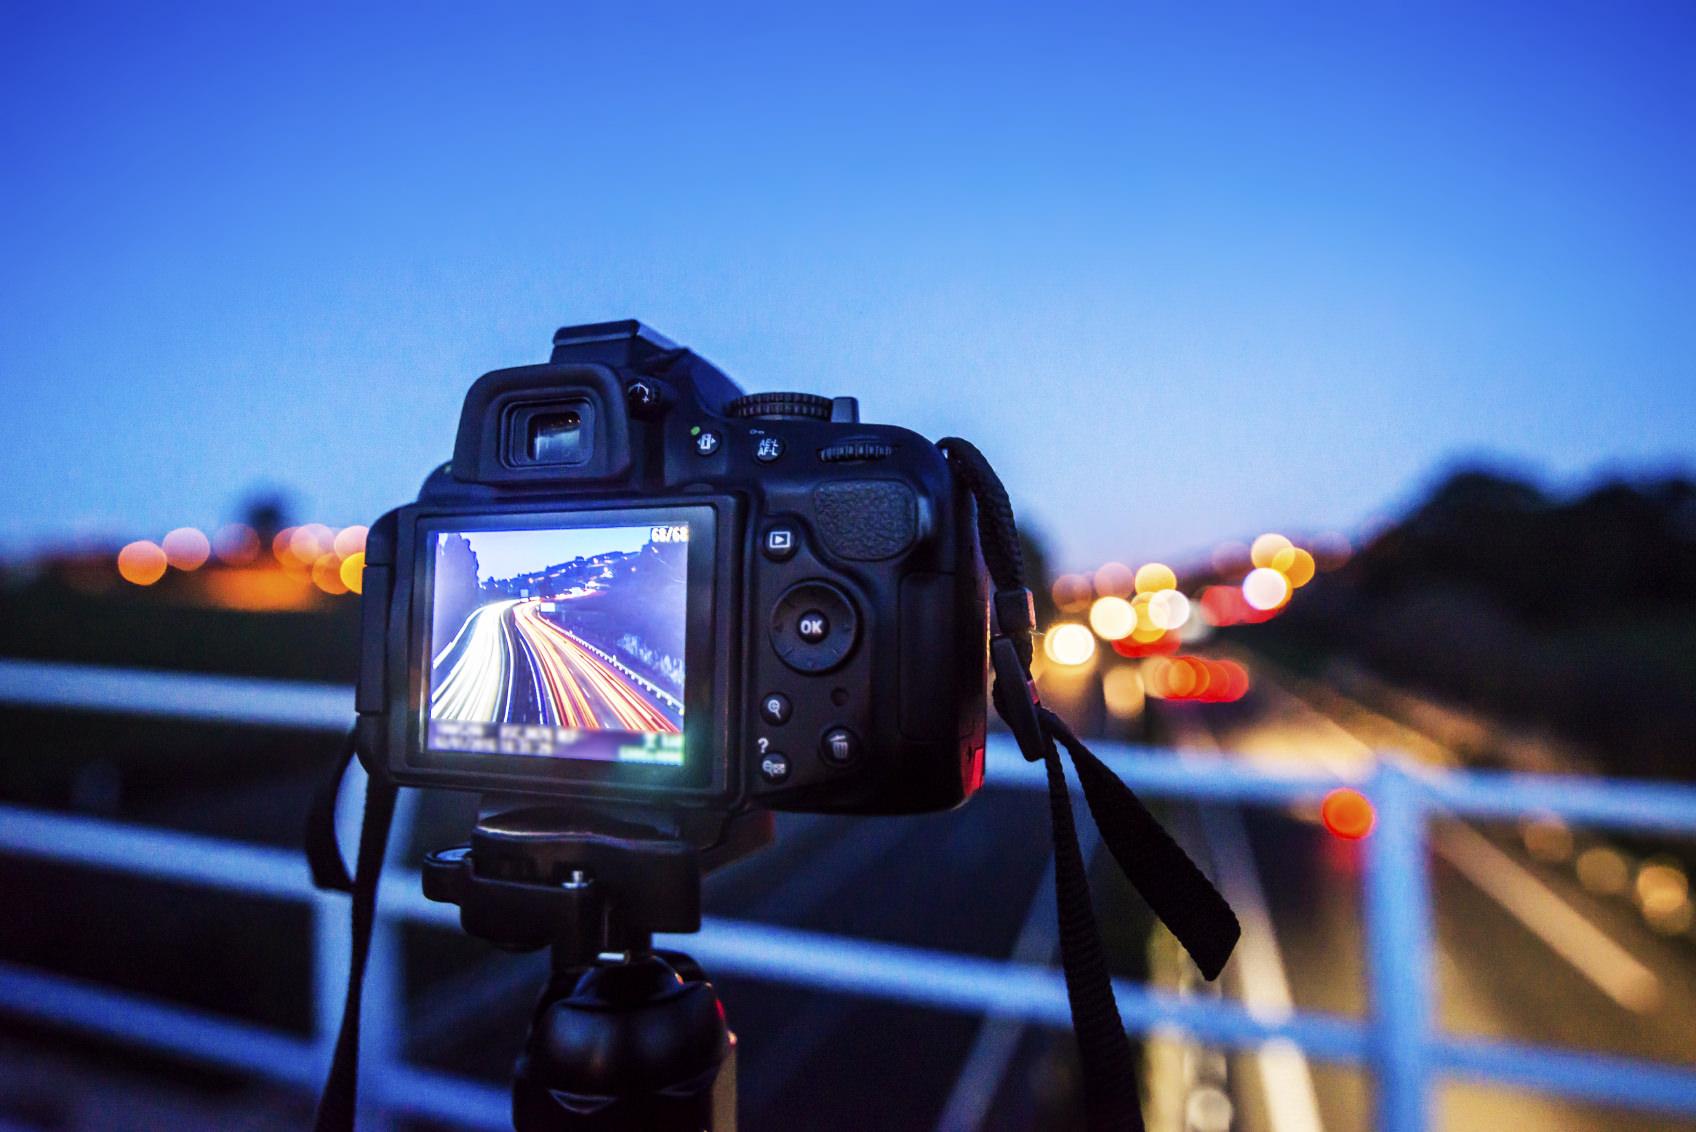 Stai pensando ad una nuova fotocamera? Considera questi benefici